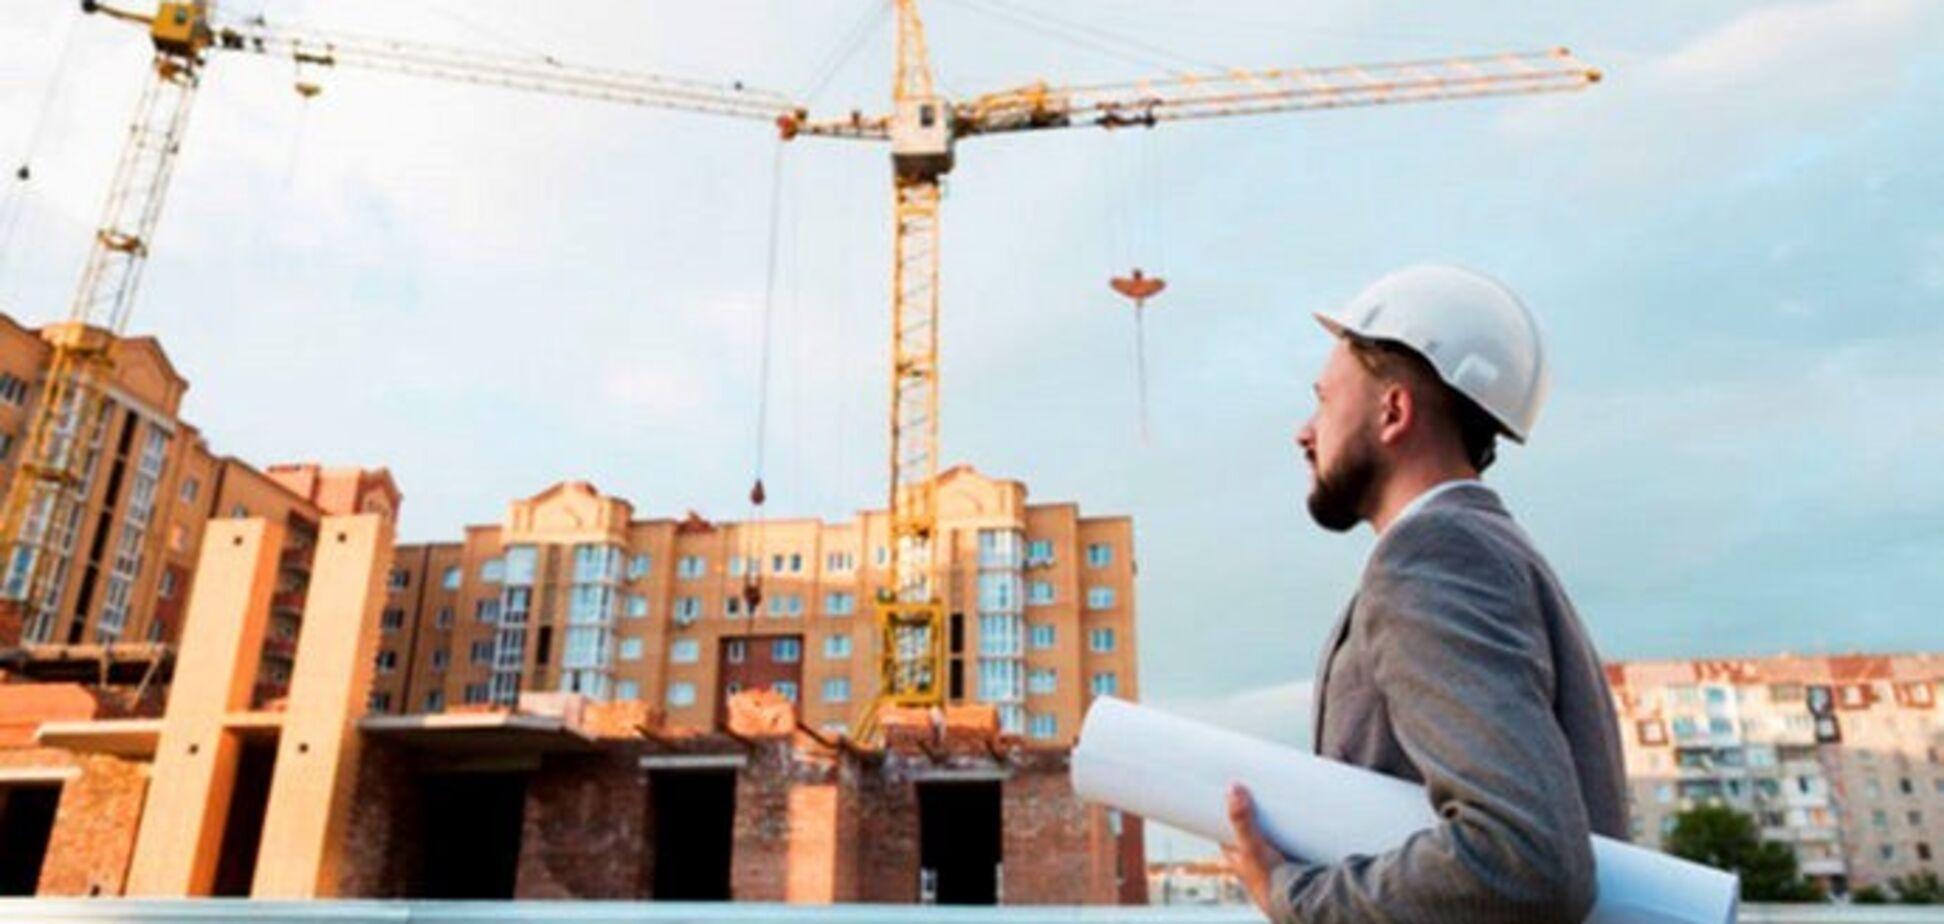 Законопроєкт №5655 про реформу містобудування планують ухвалити вже цього року